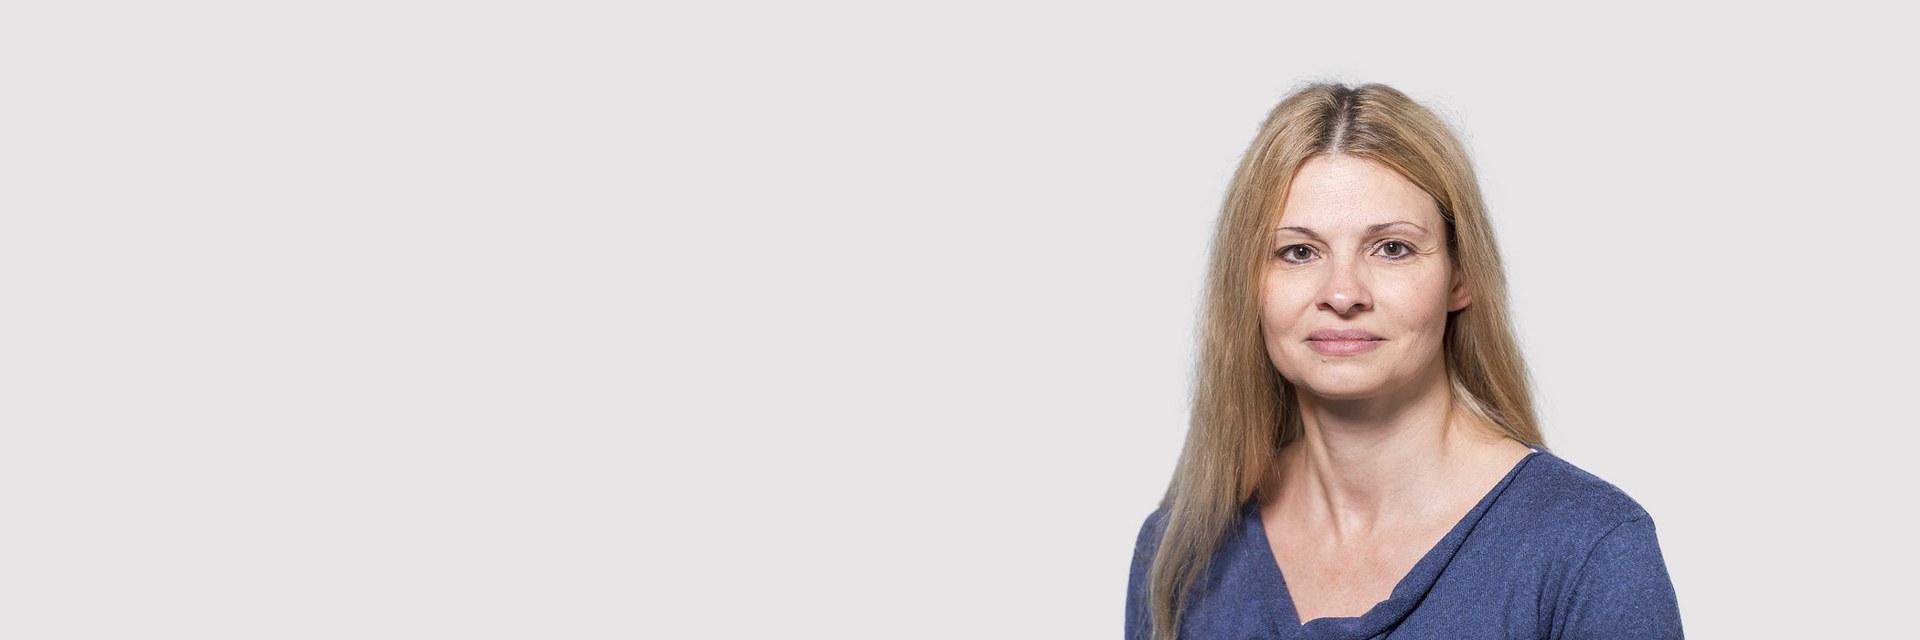 Dr. Christelle Jablonski